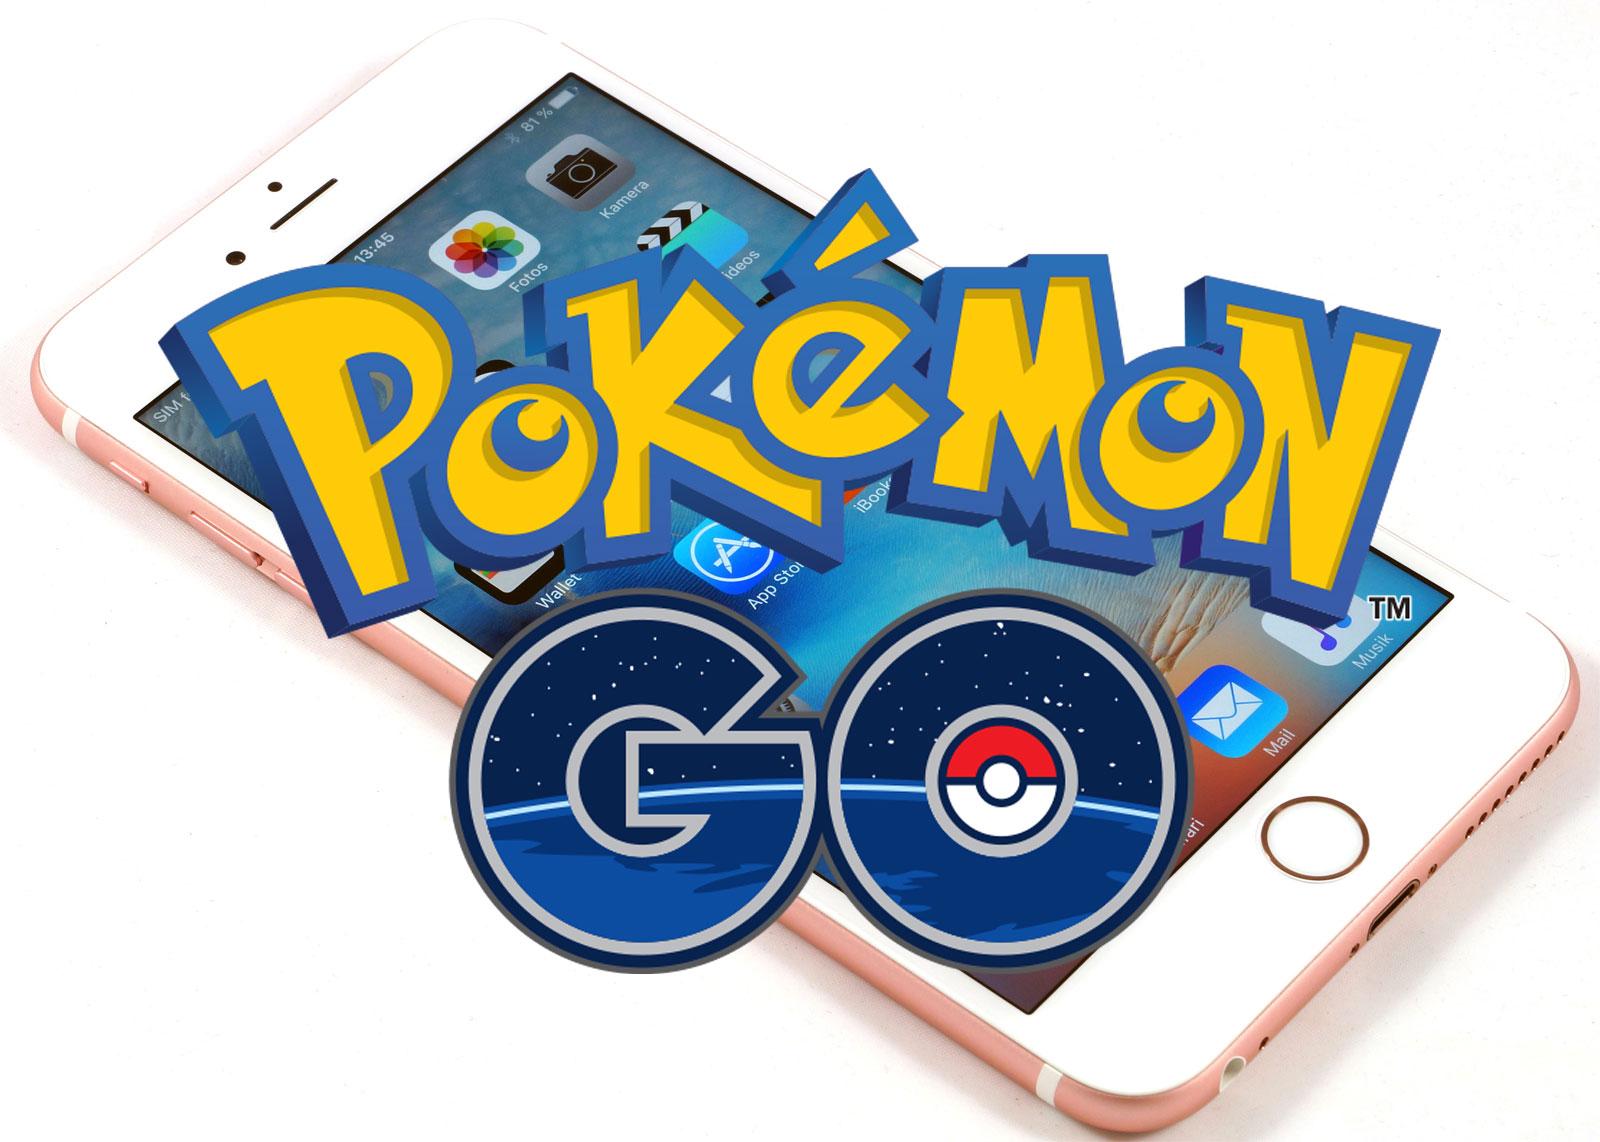 Logo de Pokemon Go sobre un iPhone